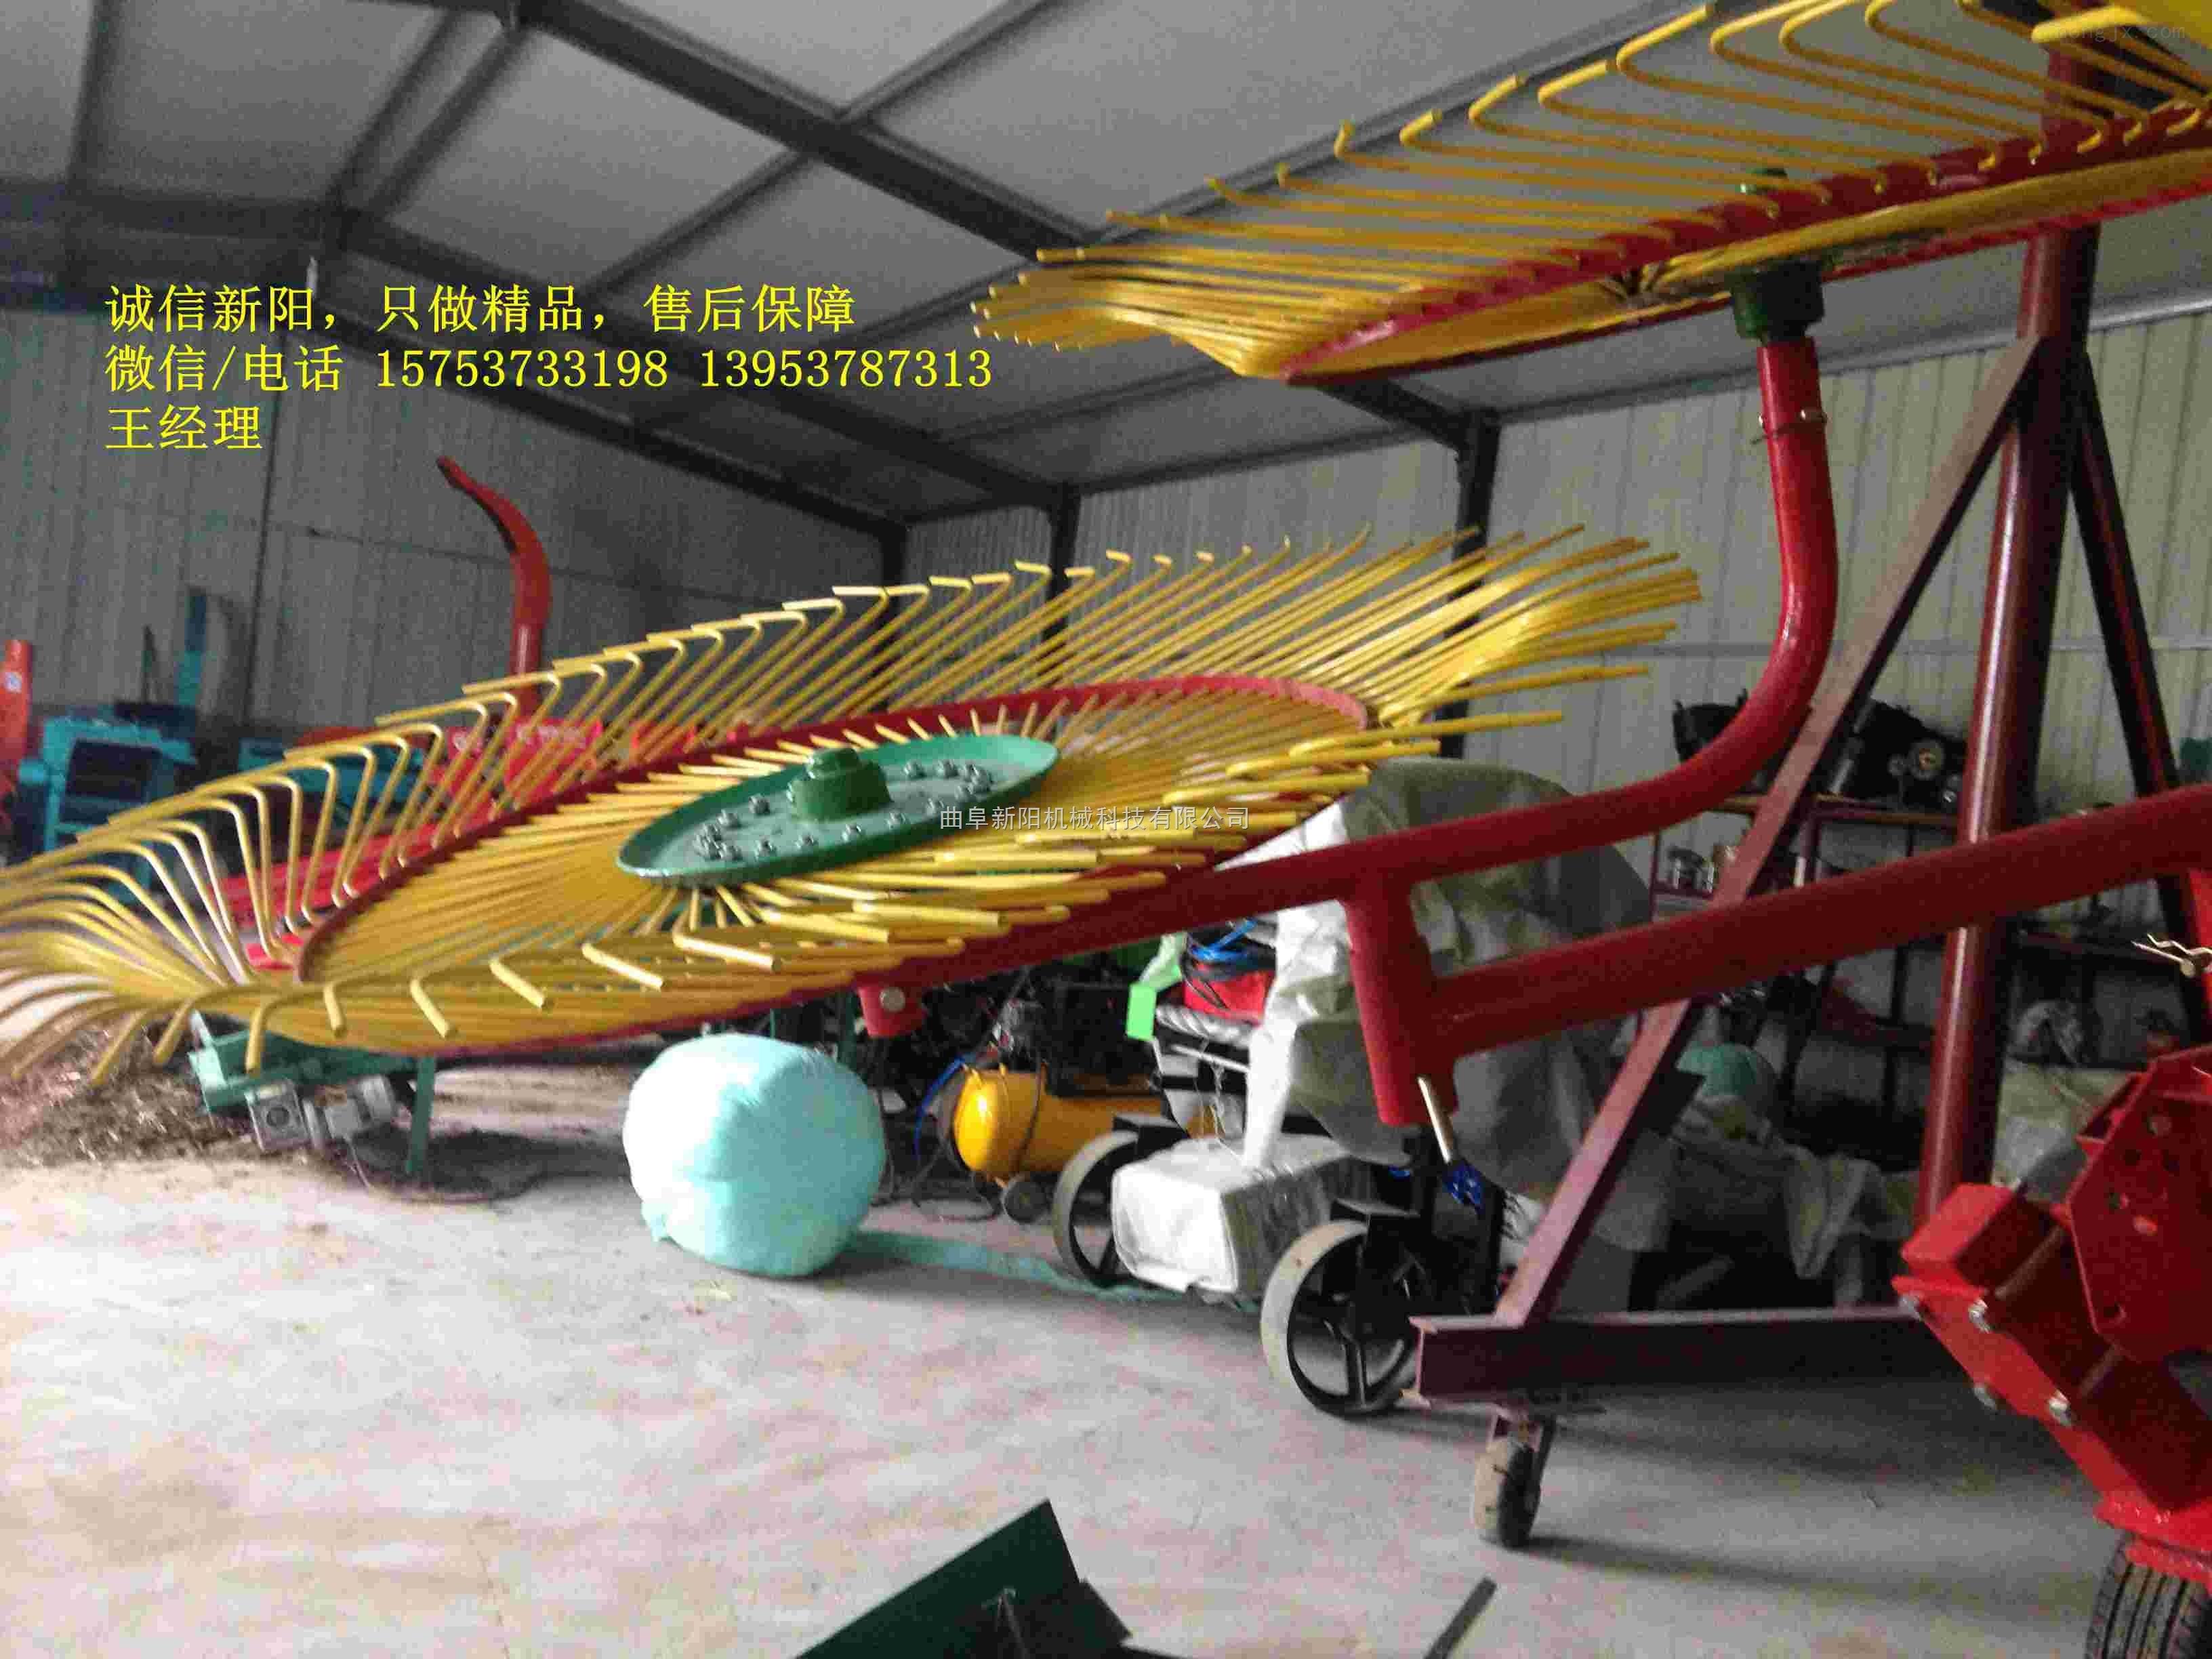 xy型号-旋转式搂草机品牌